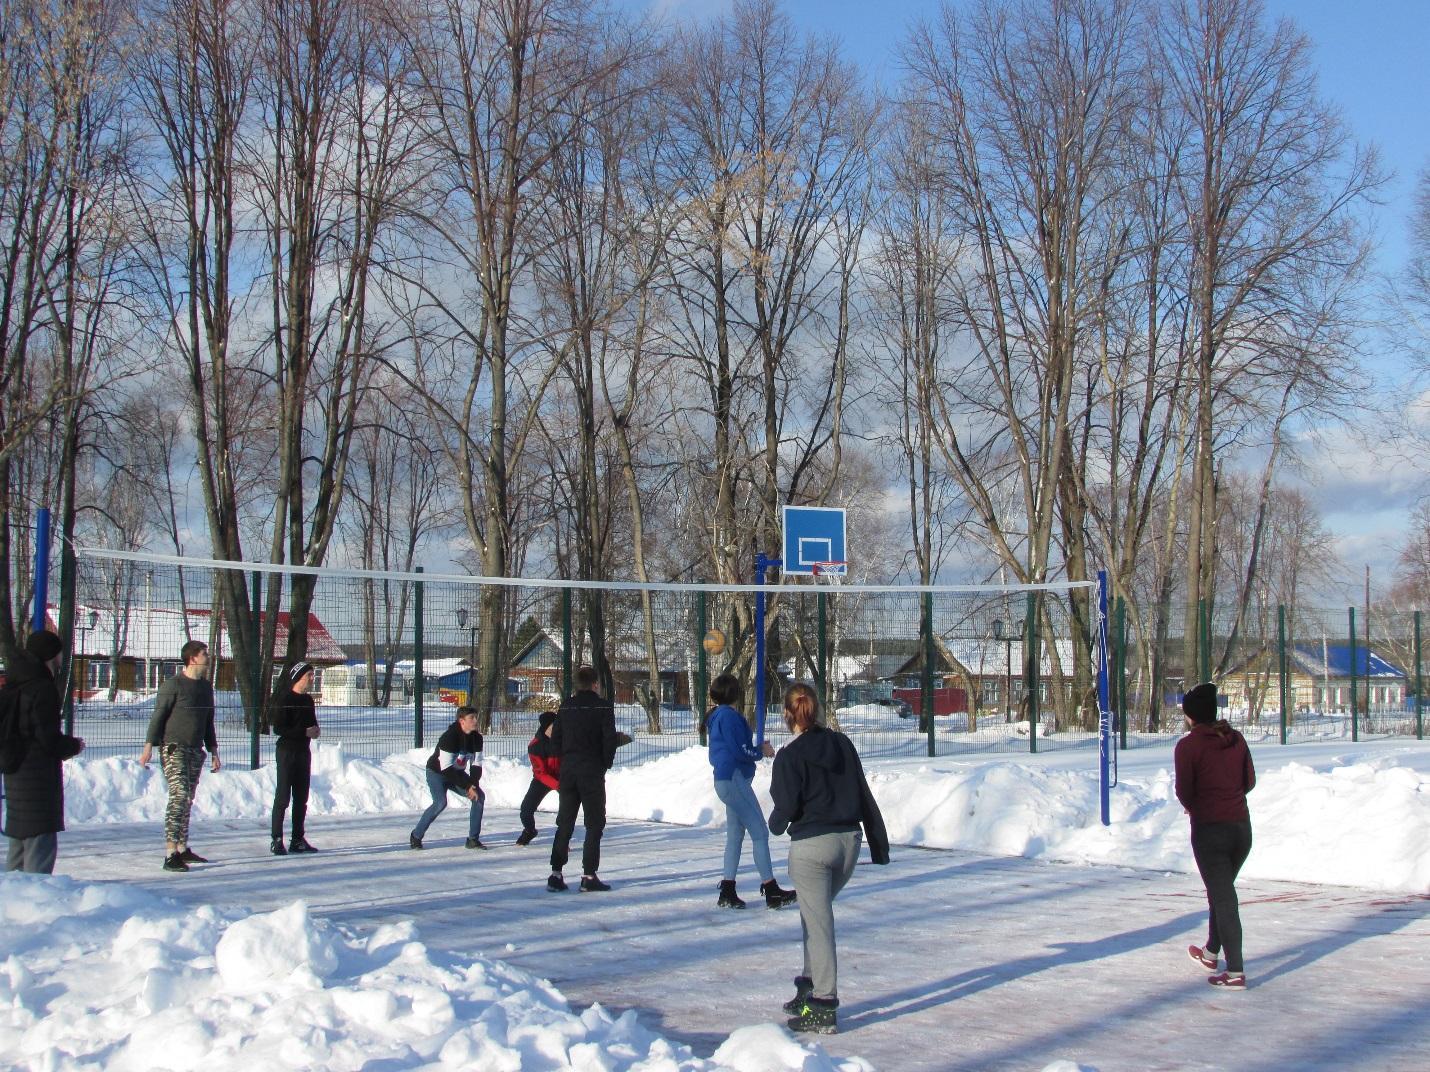 C:\Users\пу16\Desktop\2019-2020 учебный год\Фото\Волейбол на снегу\IMG_6622.JPG